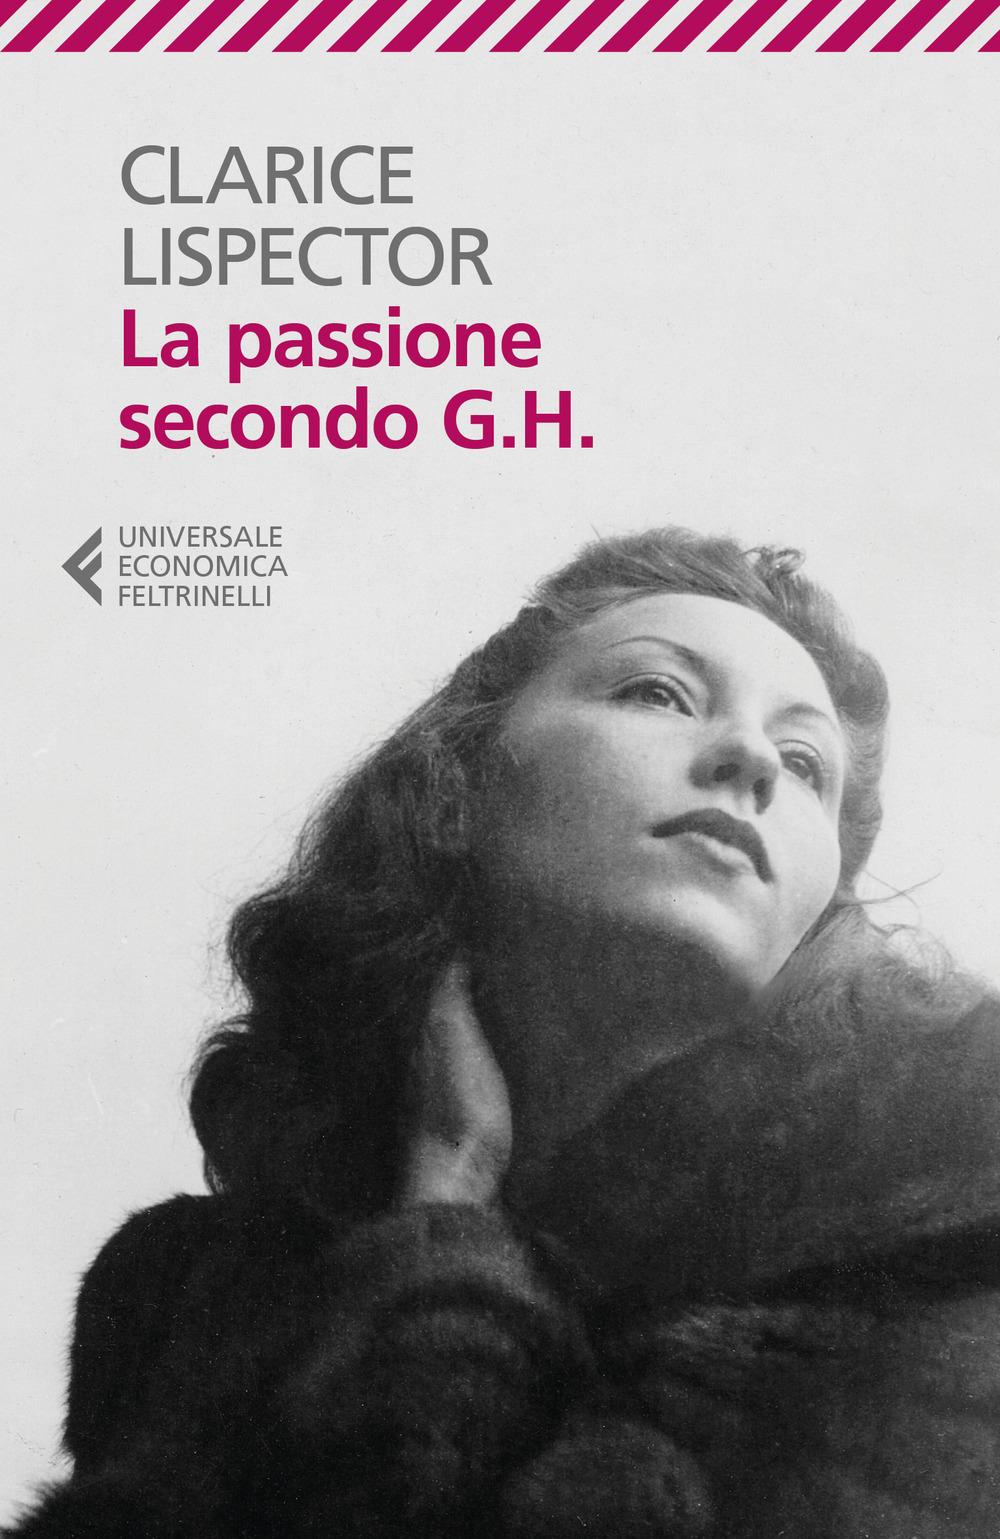 La passione secondo G. H.